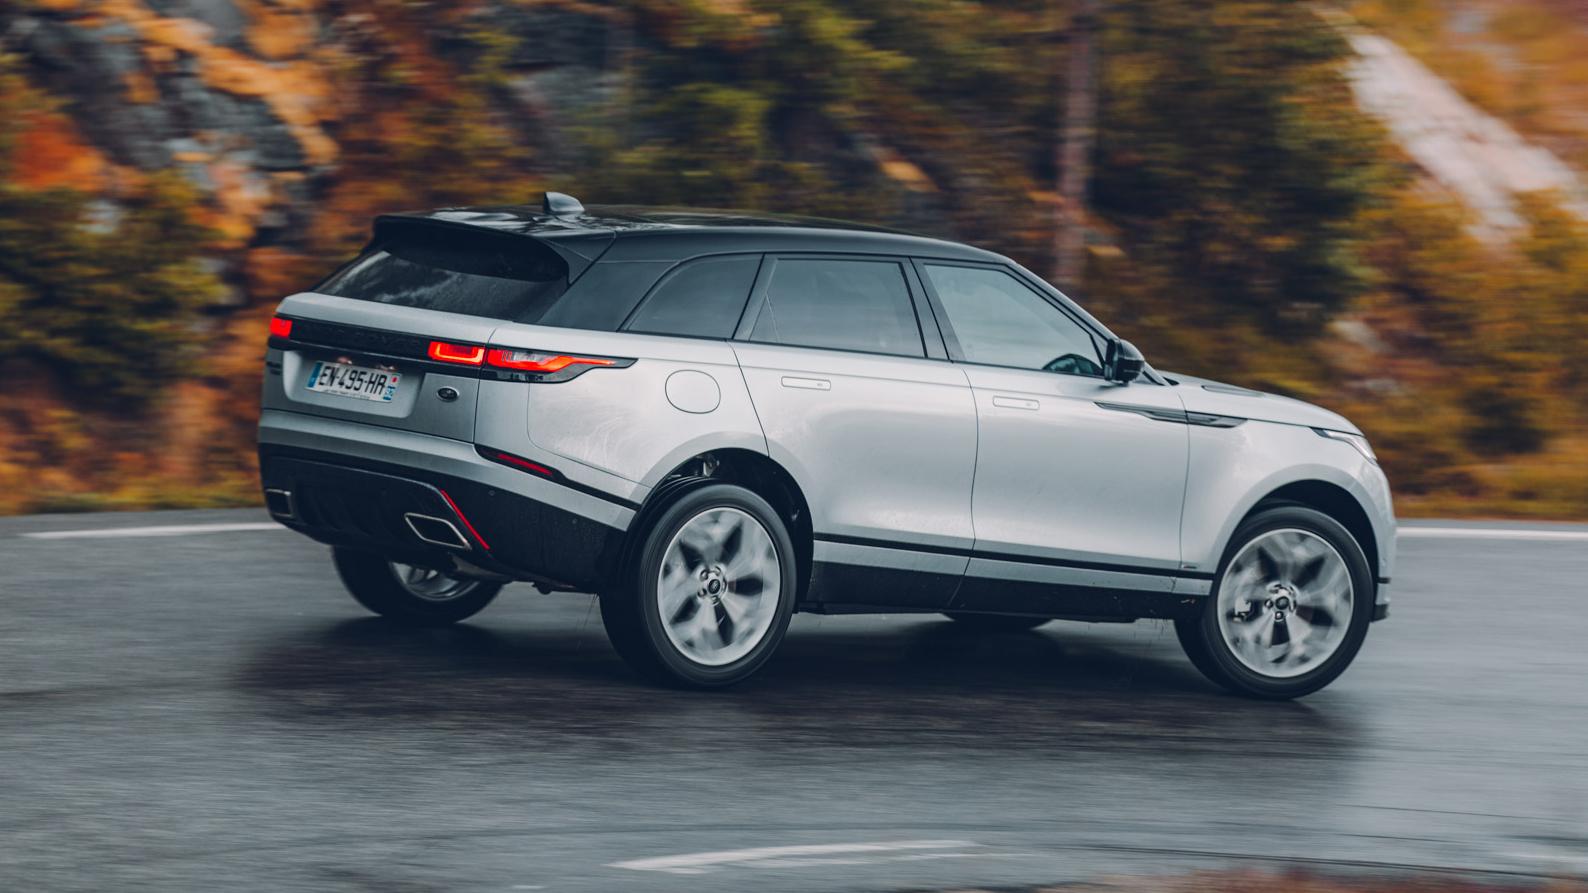 Land Rover Range Rover Velar rear quarter